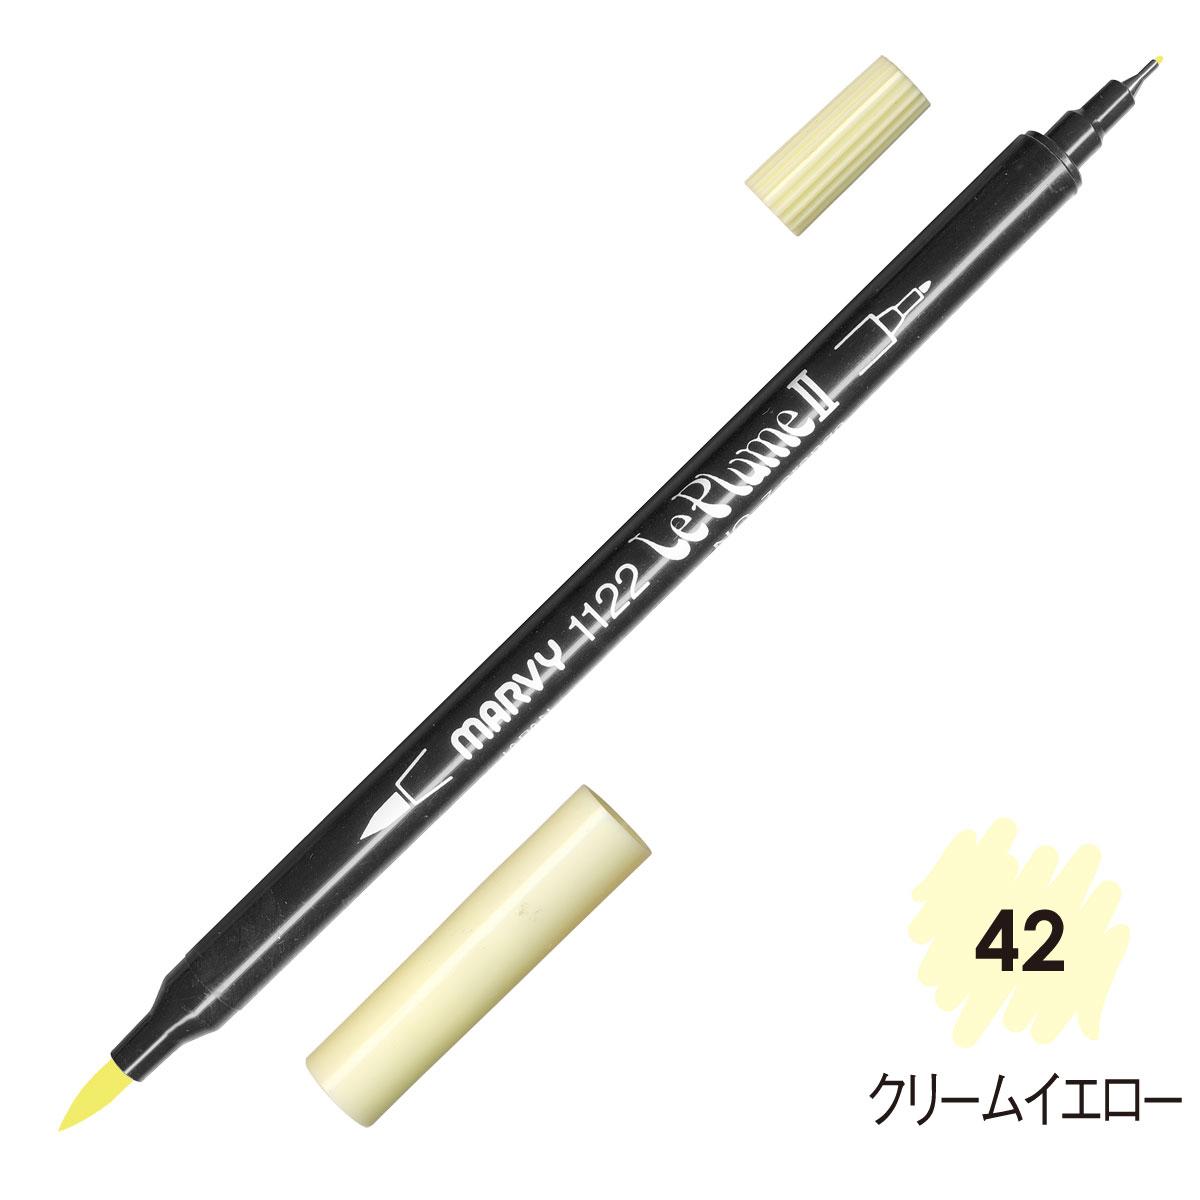 ルプルームII 単品 クリームイエロー (42)画像